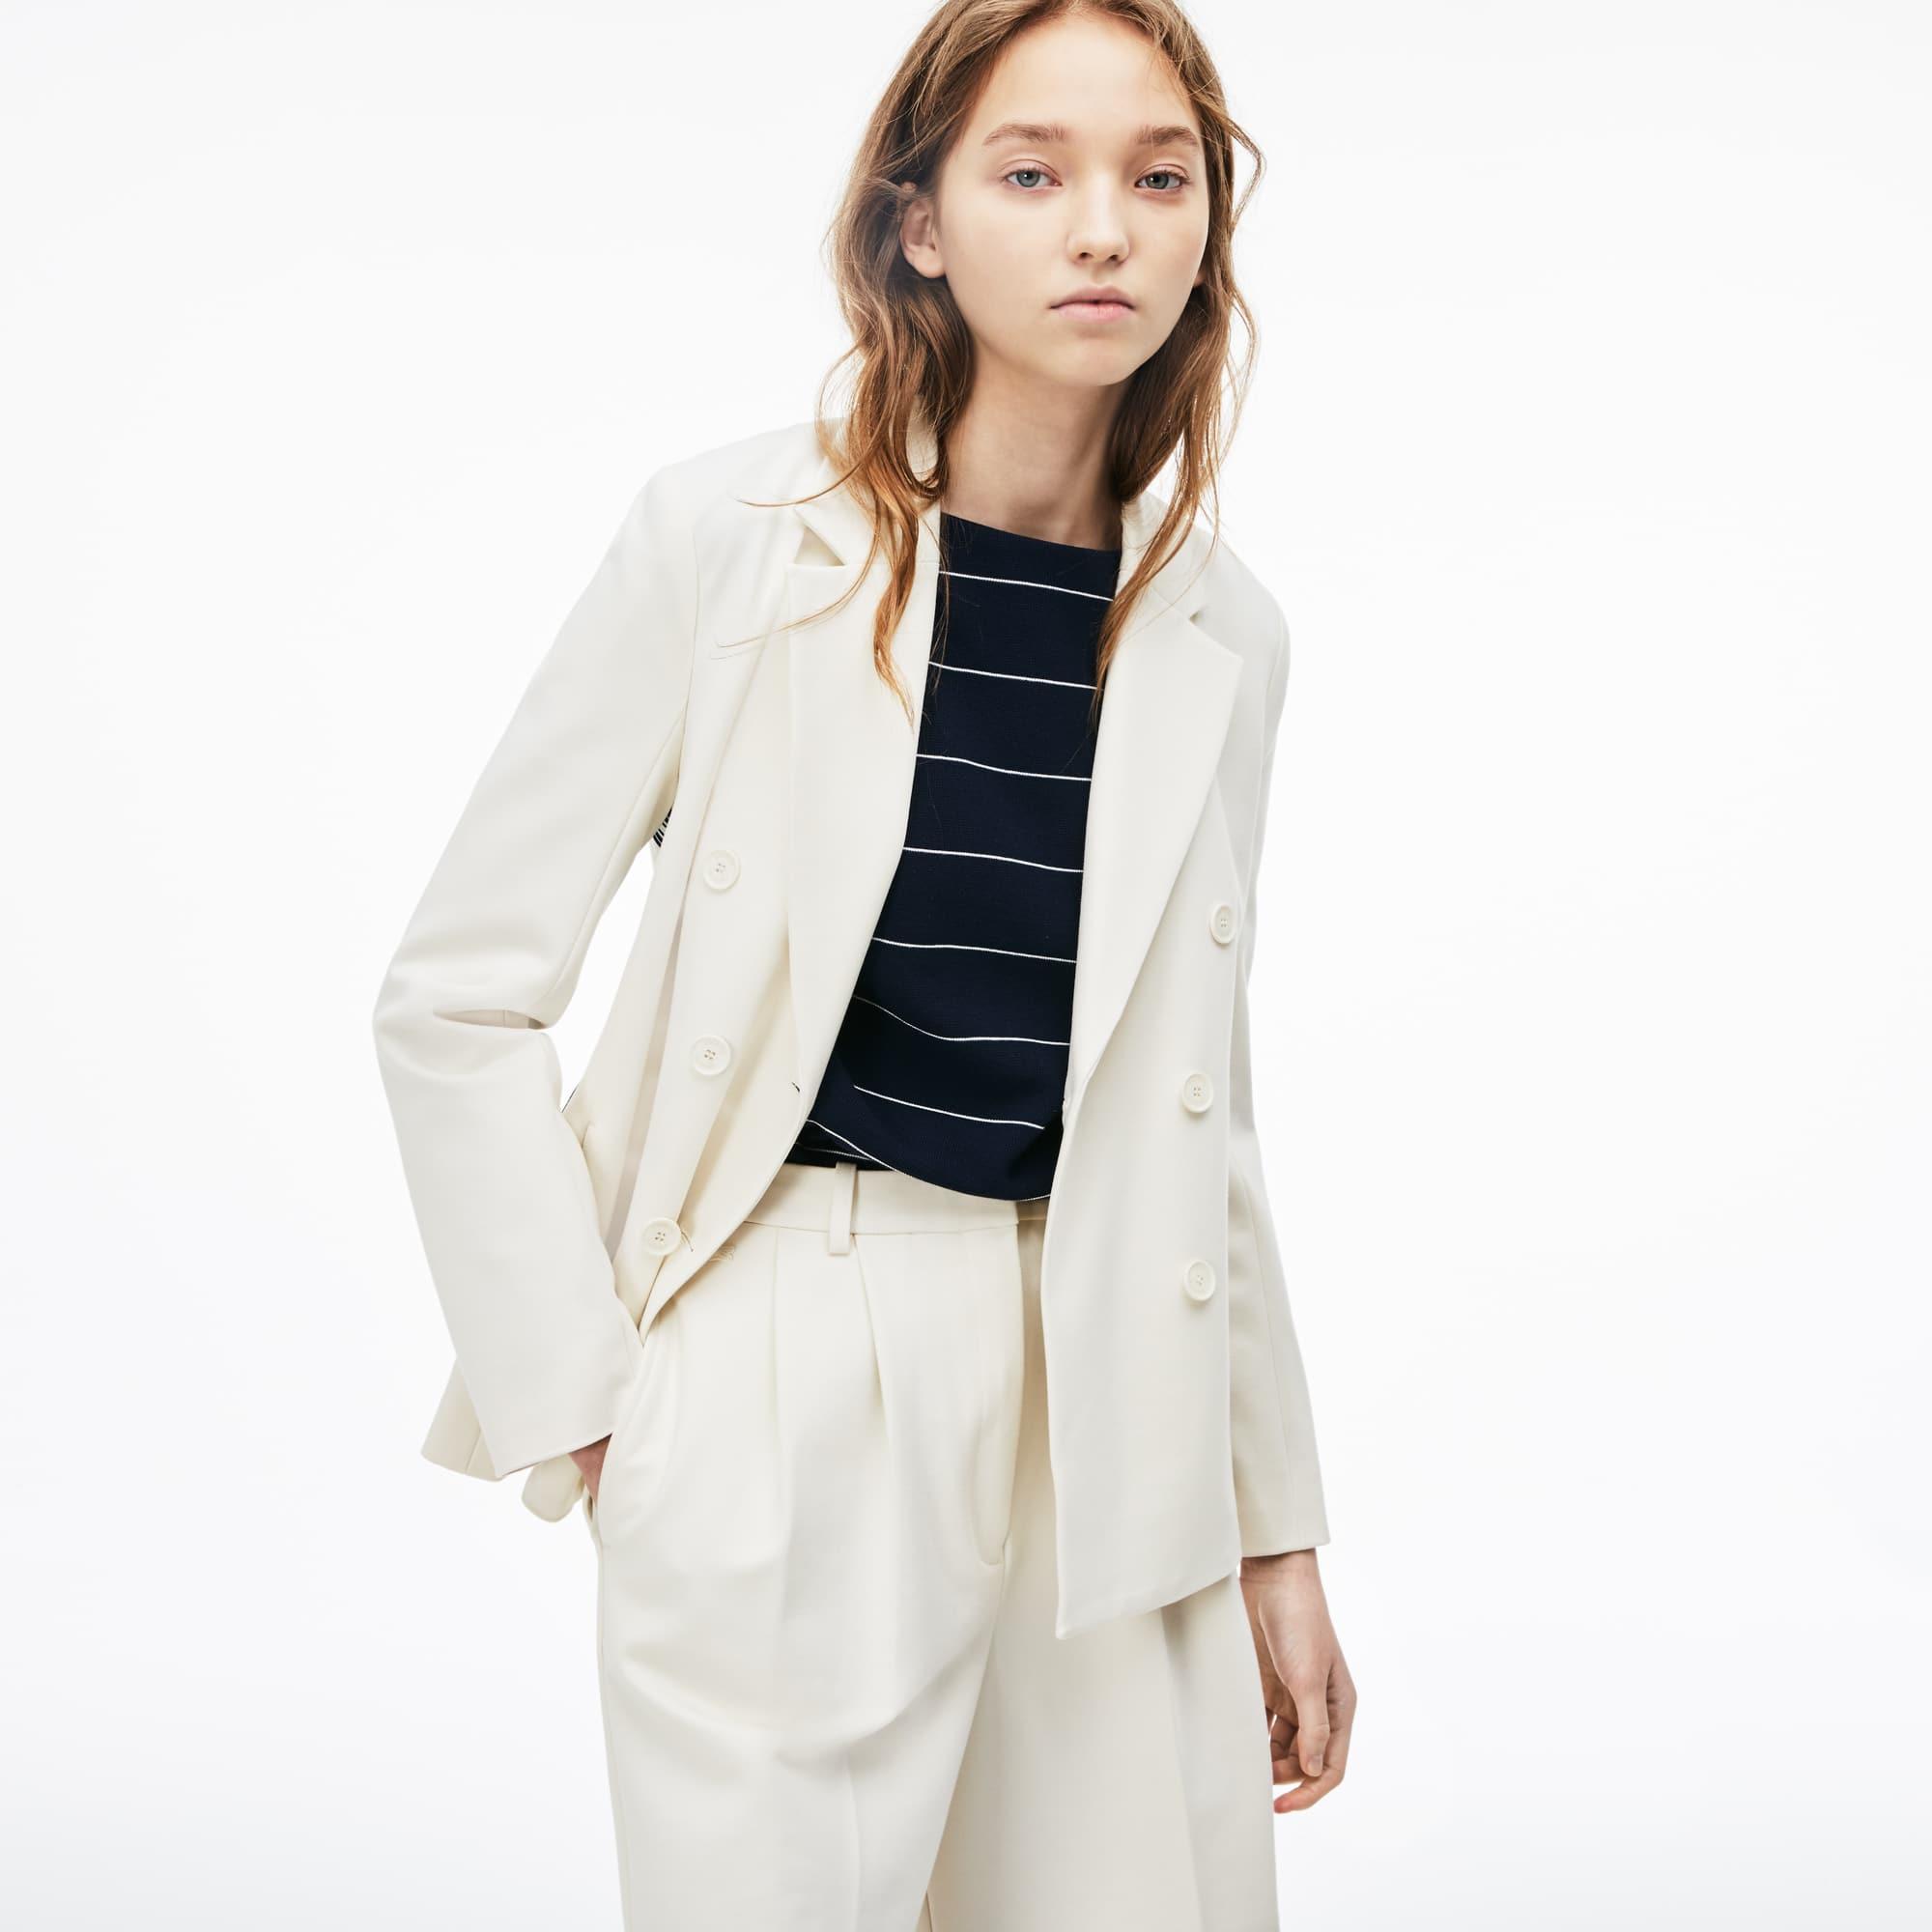 Damen-Blazer aus Milano-Strickware mit seitlichen Streifen